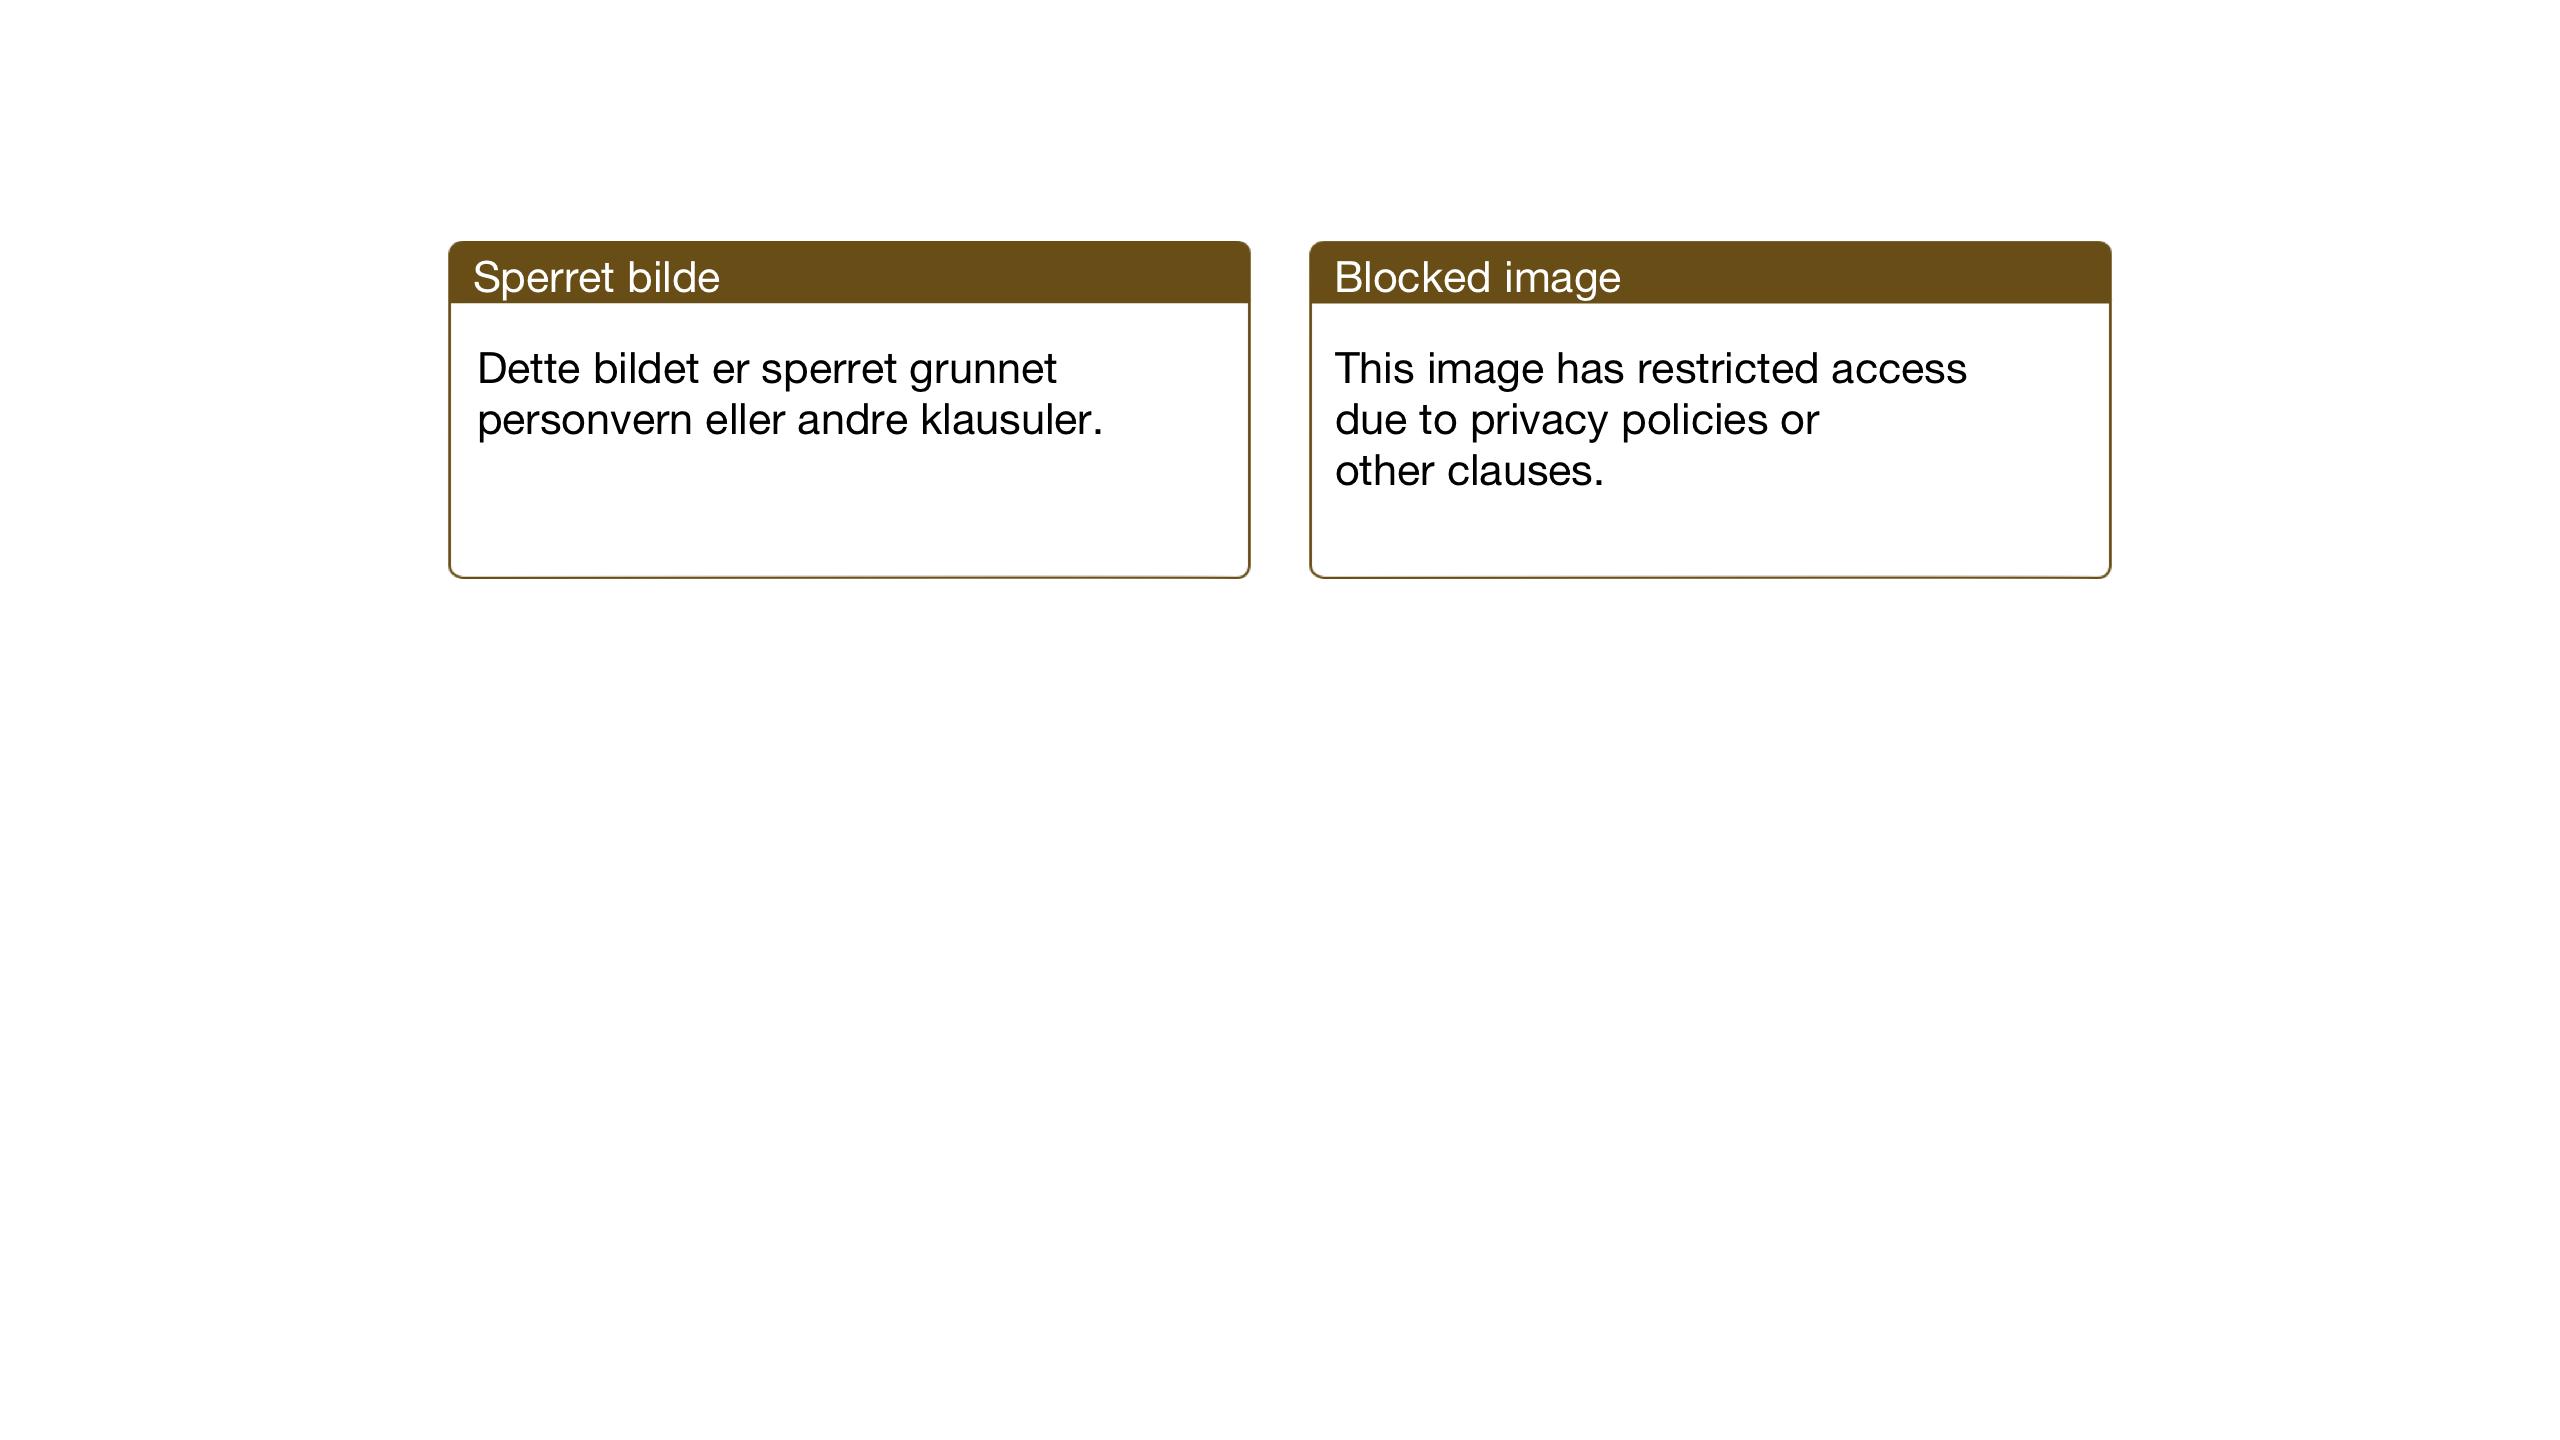 RA, Justisdepartementet, Sivilavdelingen (RA/S-6490), 2000, s. 380